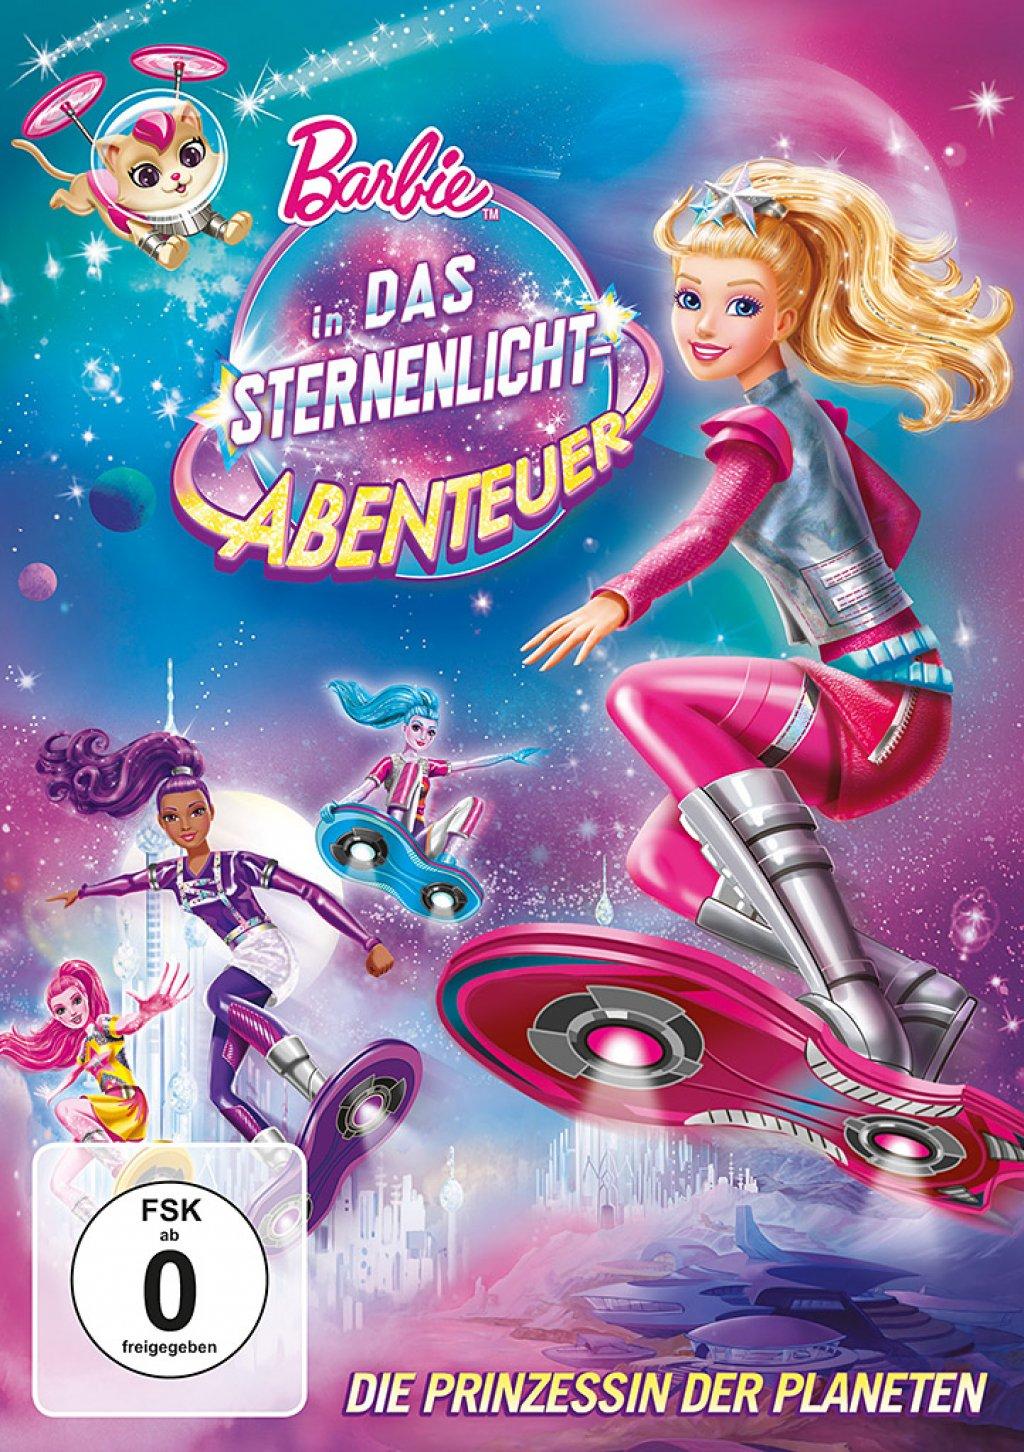 Barbie in: Das Sternenlicht-Abenteuer (DVD)